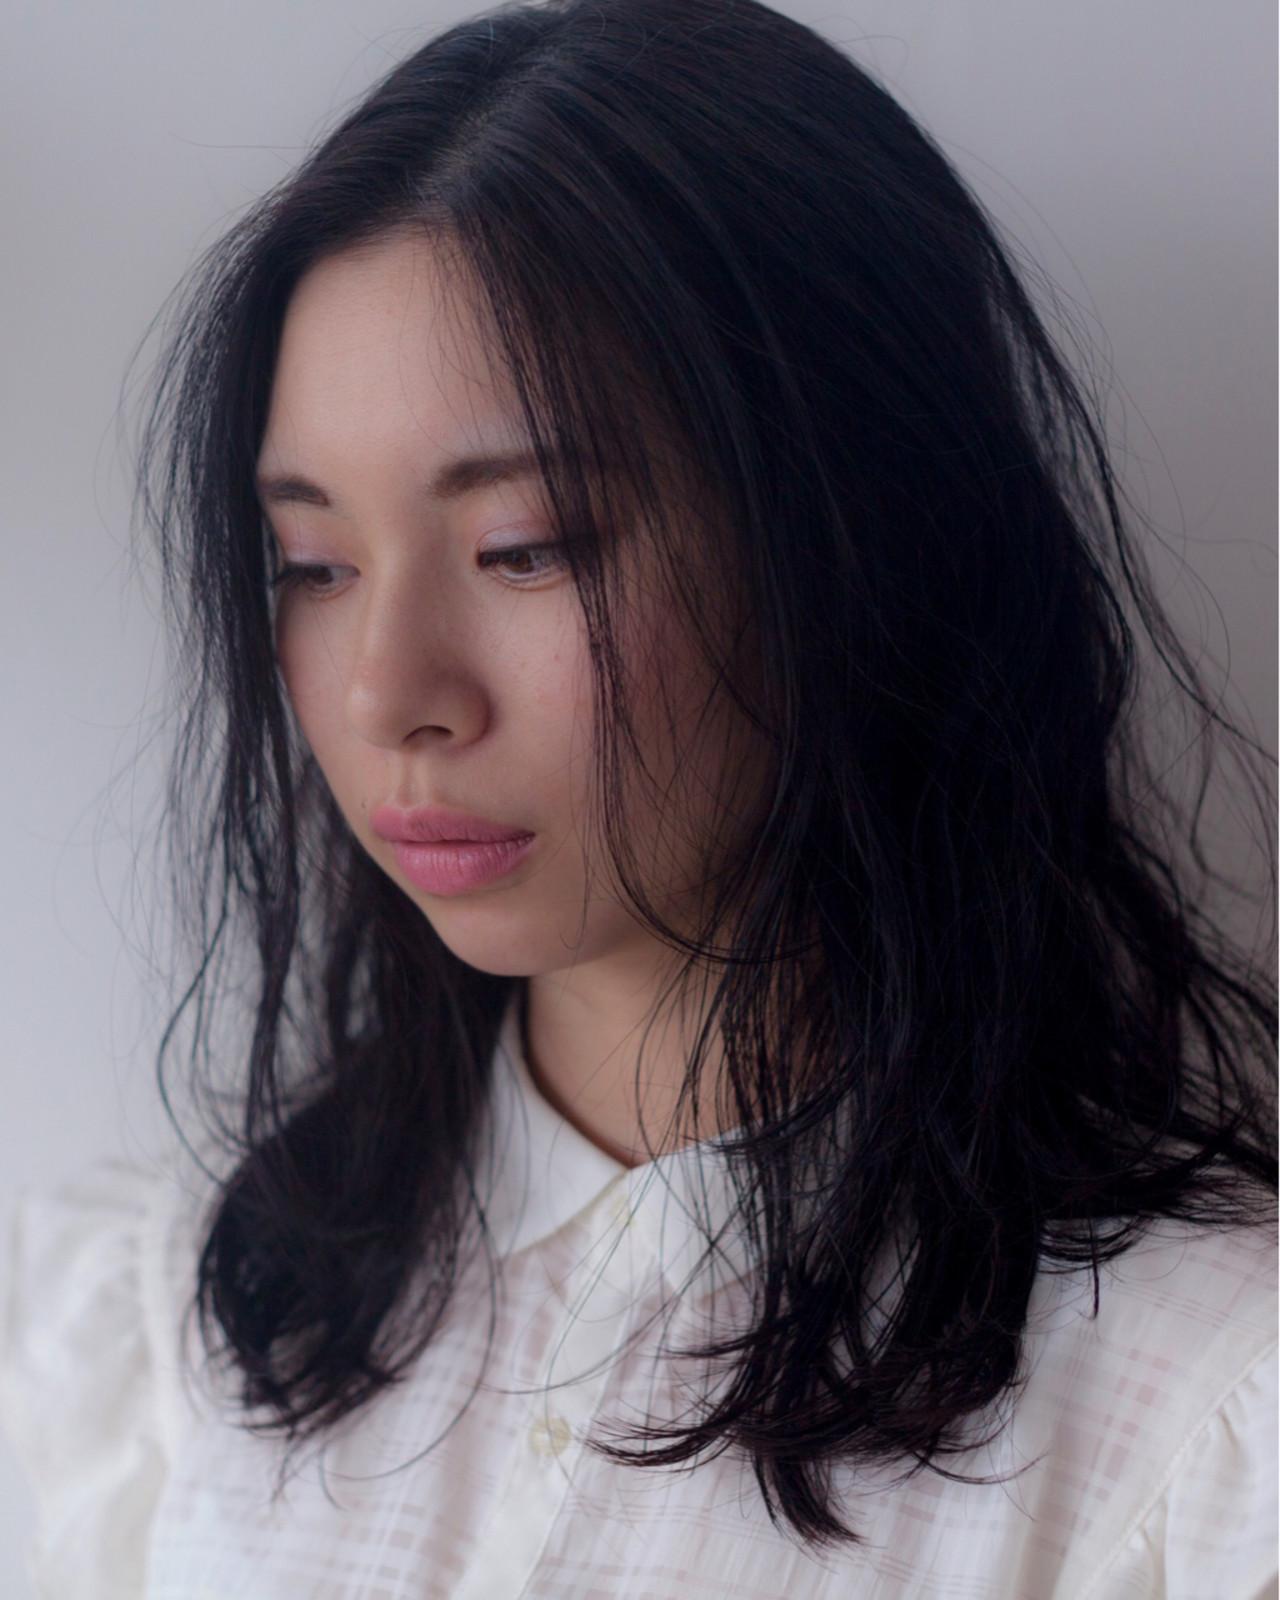 デジタルパーマ ミディアム ウェーブ ふわふわ ヘアスタイルや髪型の写真・画像